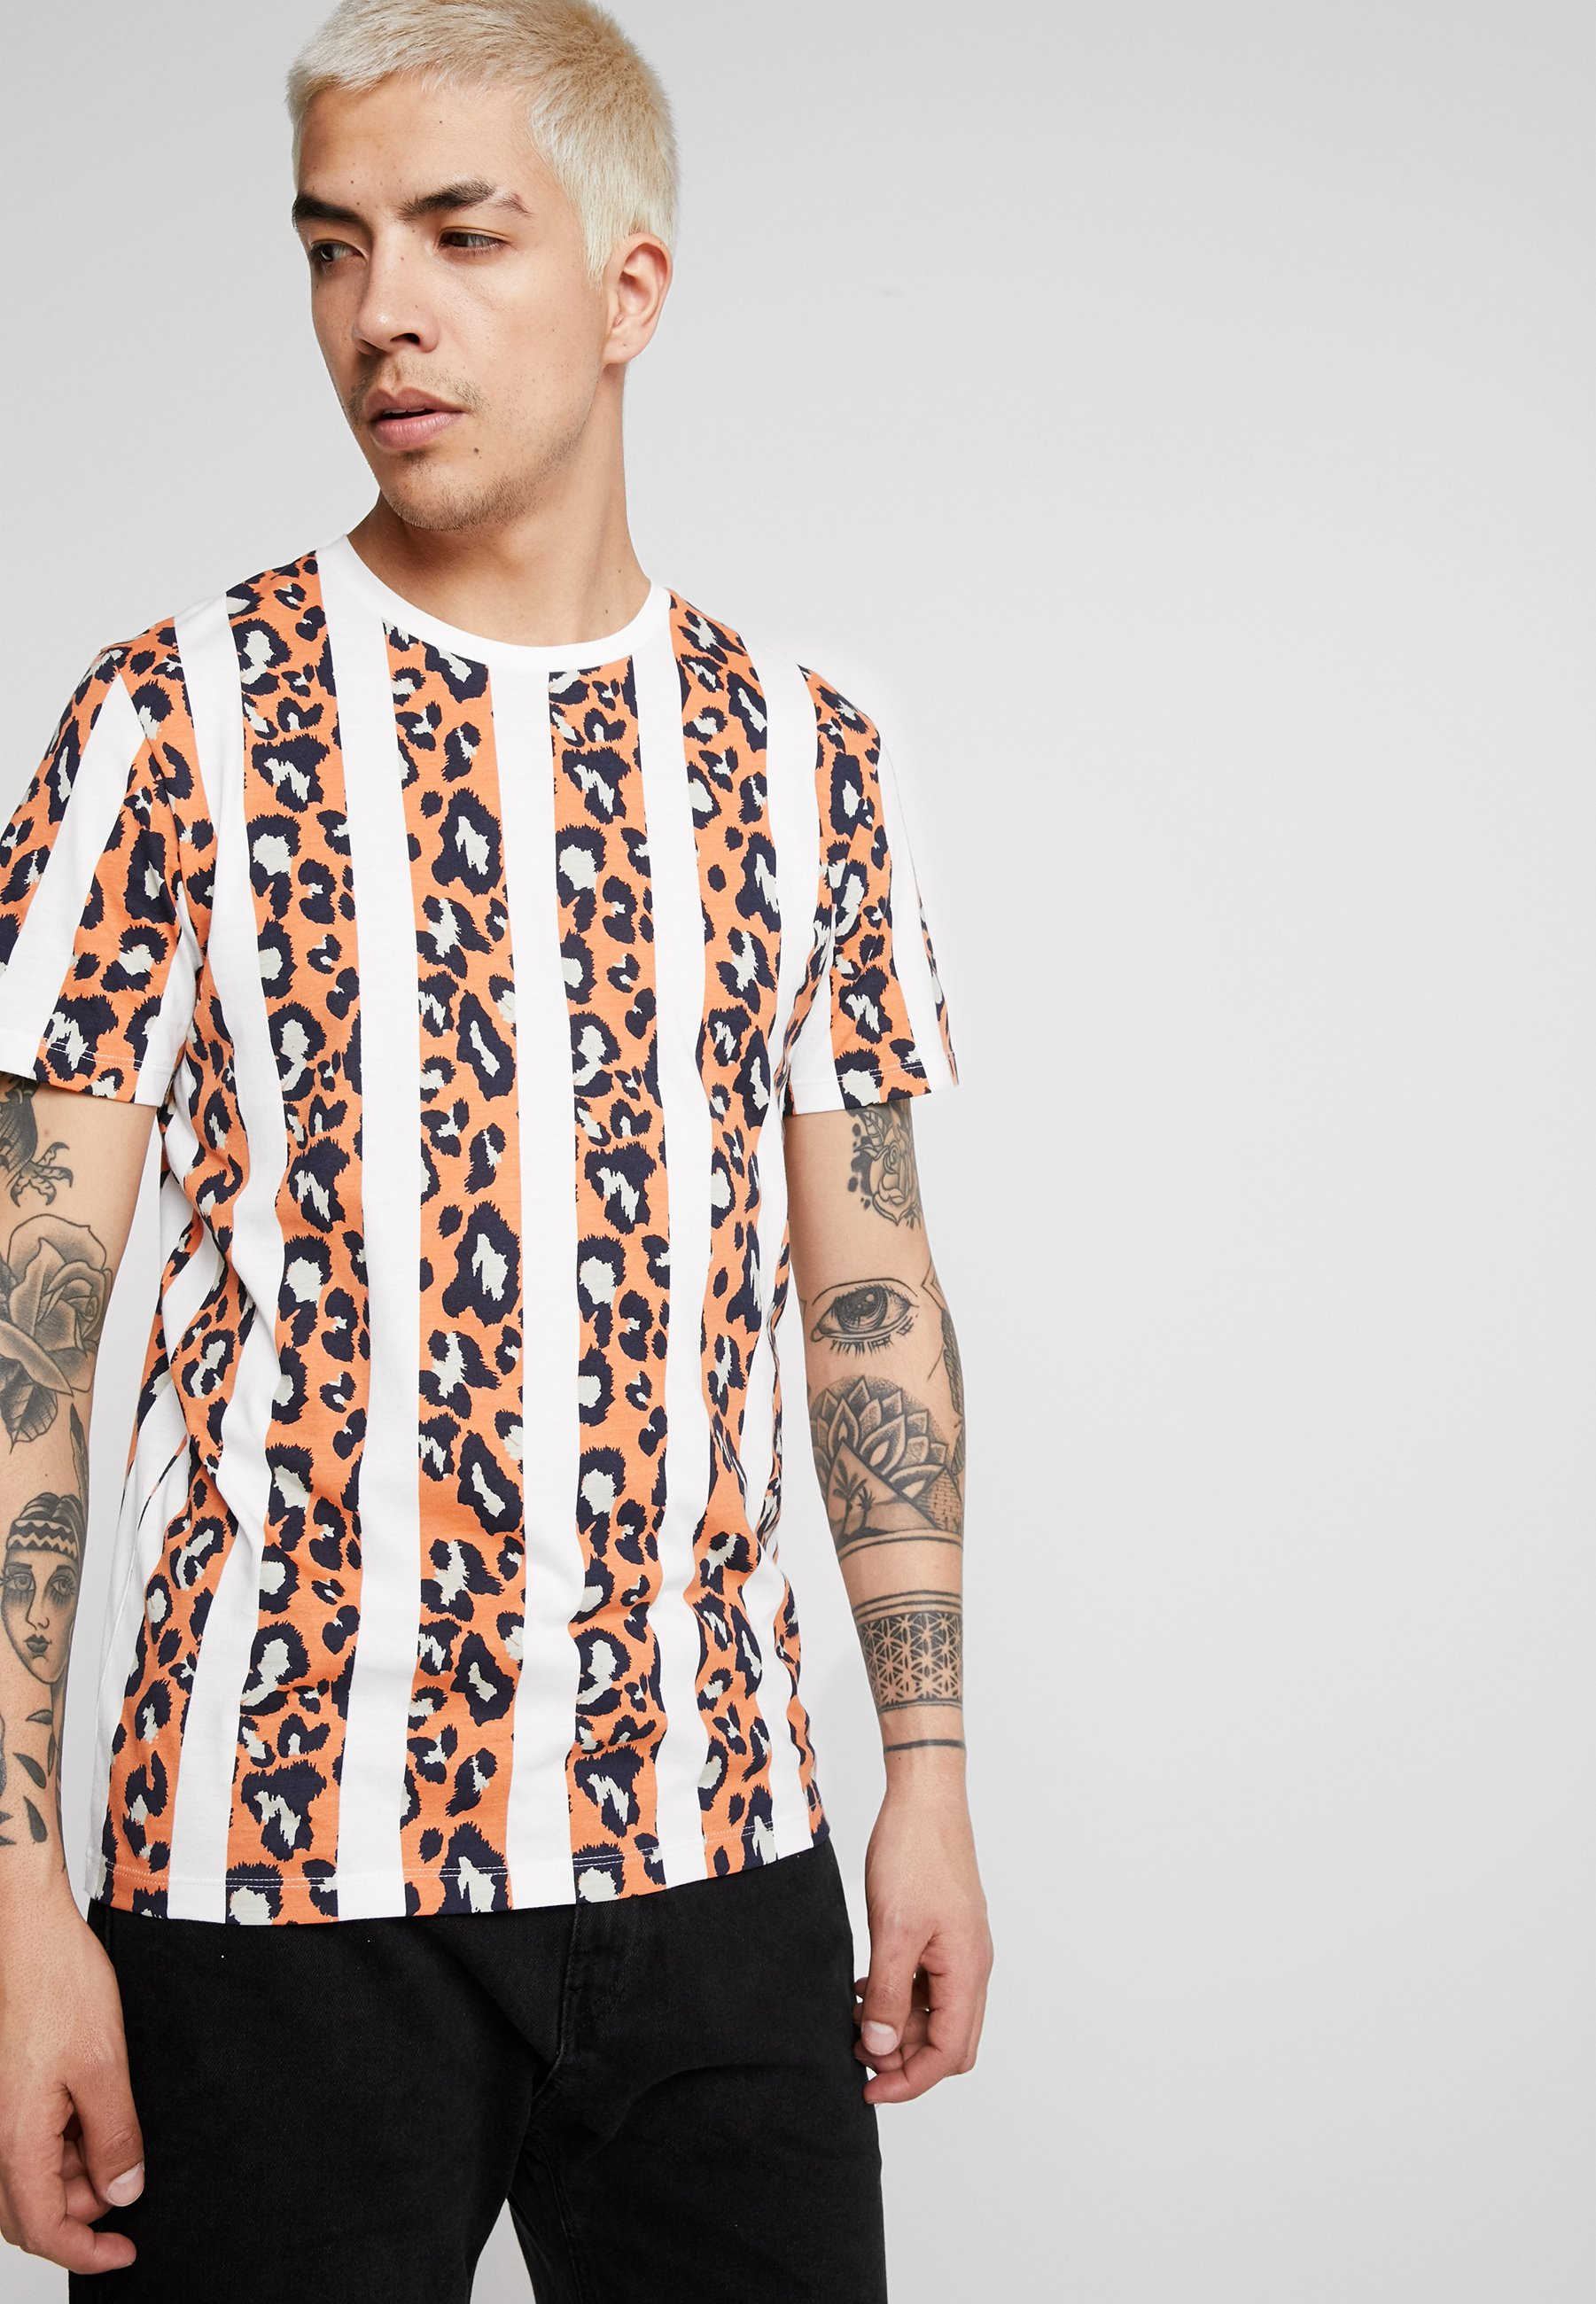 Dancer Tee Jackamp; Jones Jorpetshop Crew Cloud NeckT Imprimé shirt 4jq3cL5AR